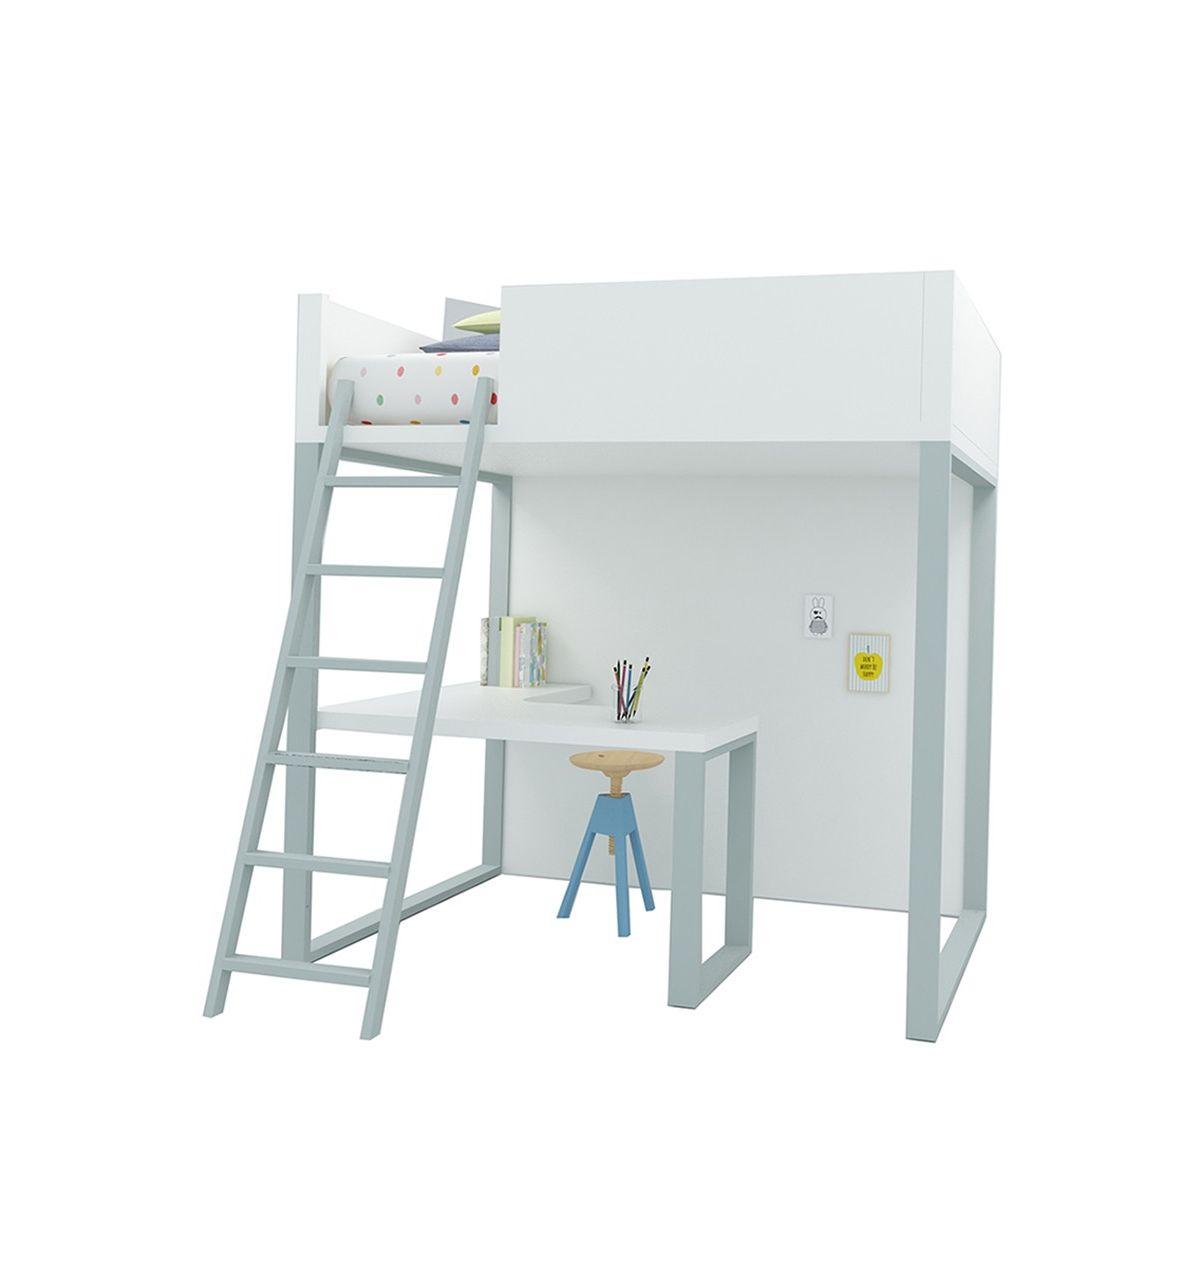 Lagrama letto a soppalco homage con scrivania bianco grigio - Letto soppalco con scrivania ...